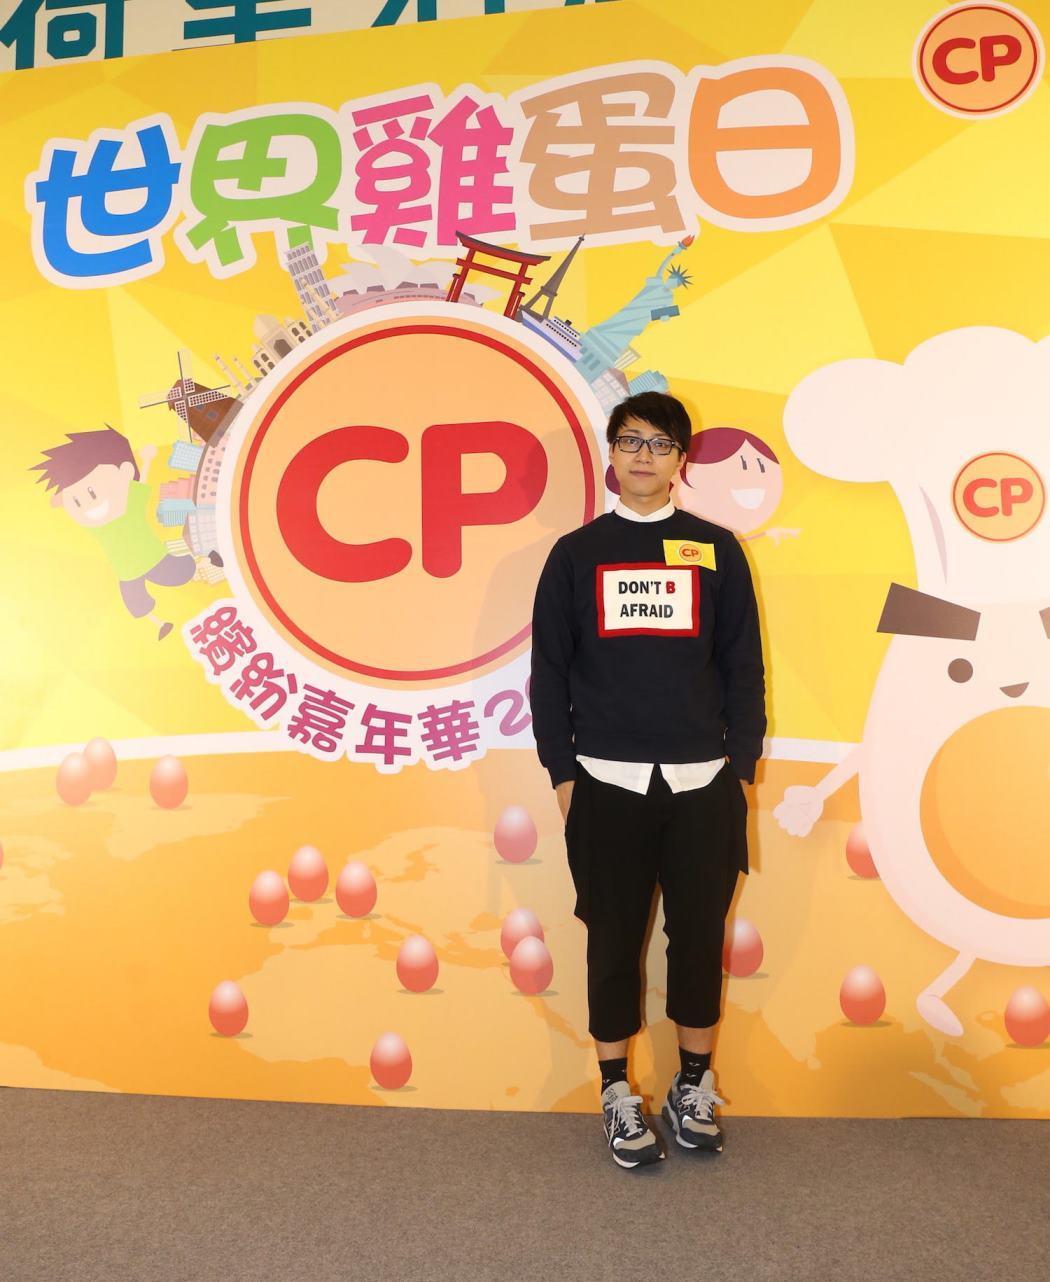 坤哥透露現時正努力減肥。(公關公司提供)